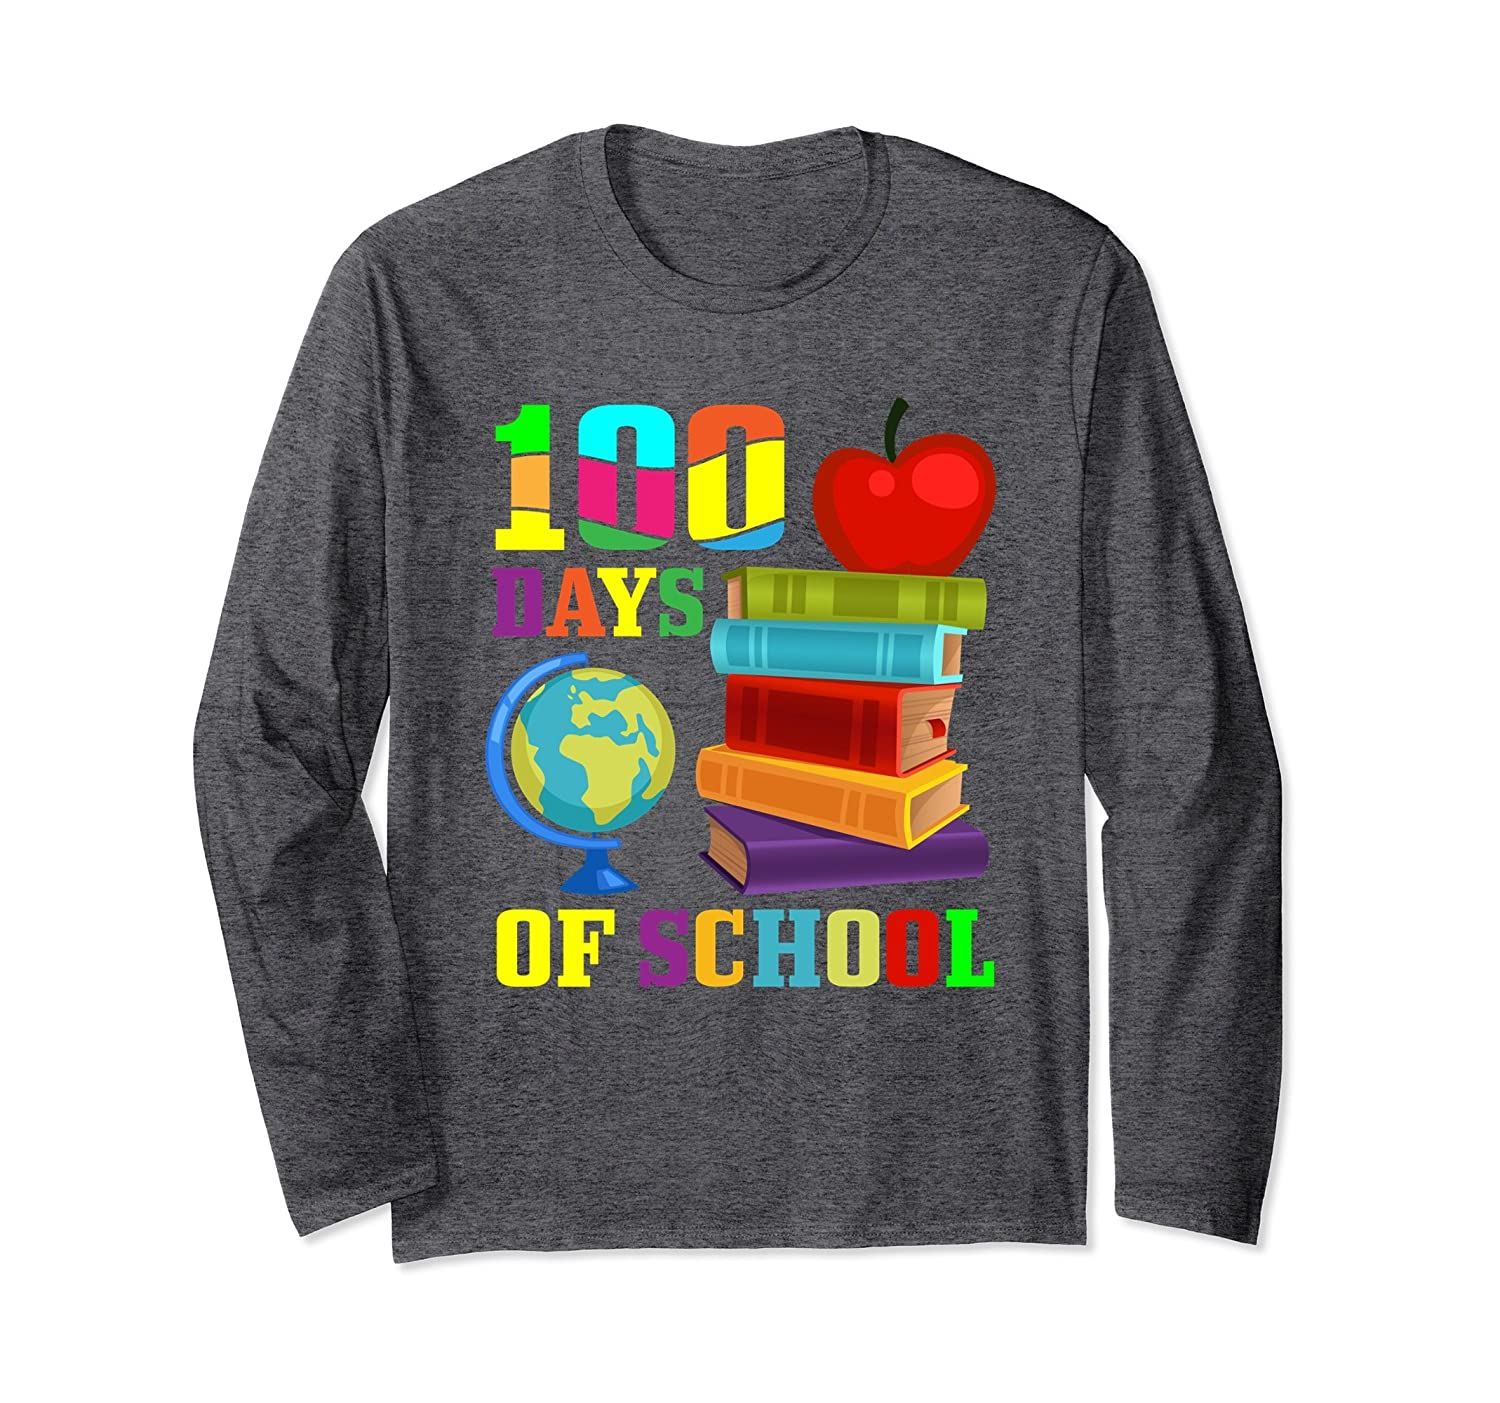 100 Days of School T Shirt – Long Sleeved Teacher Shirt-Awarplus